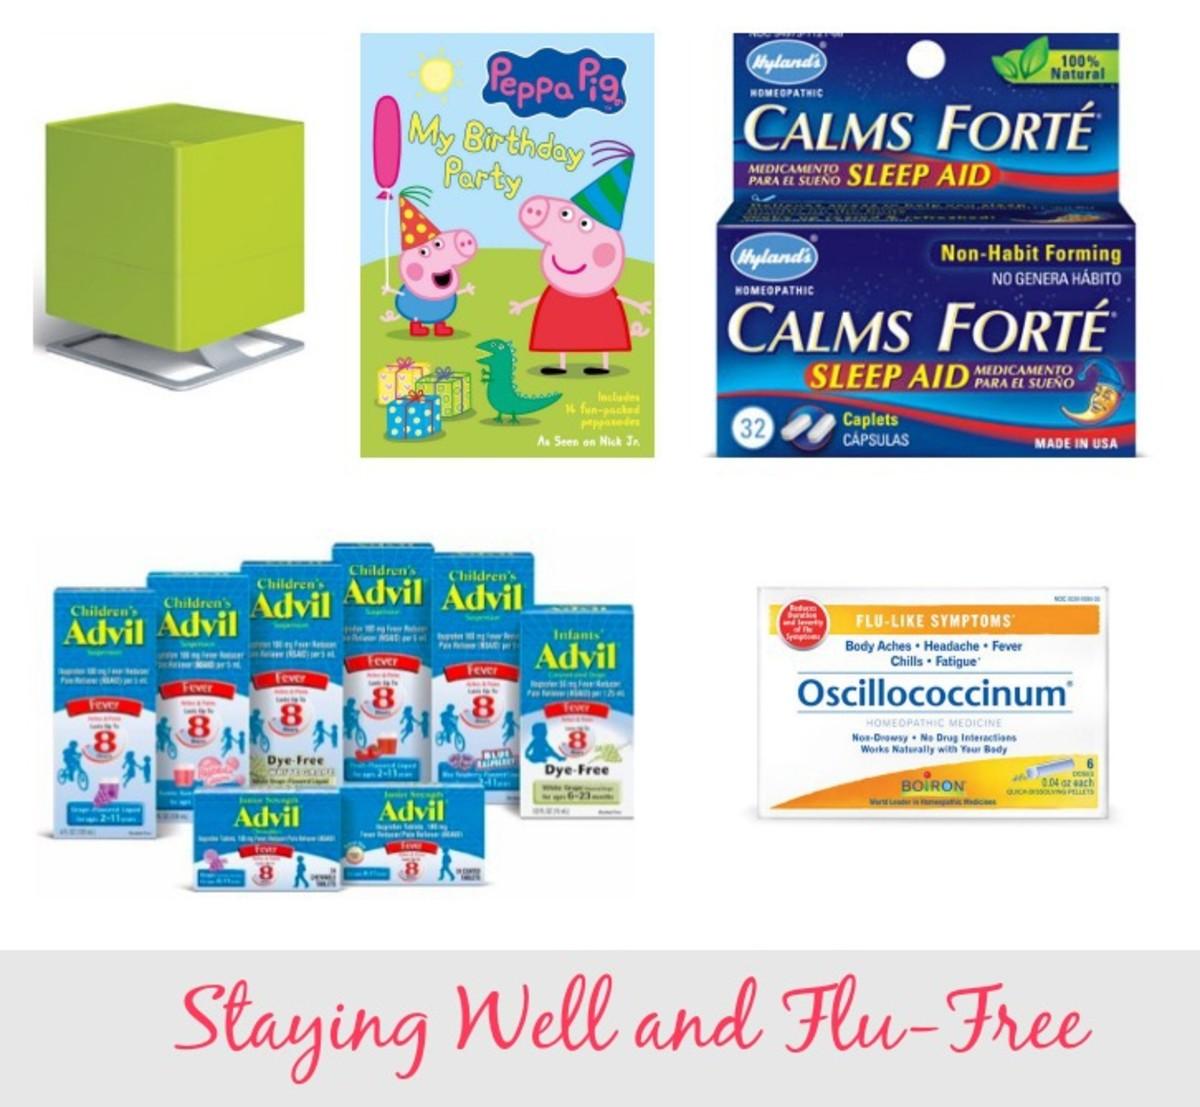 Staying Well and Flu-Free.jpg.jpg